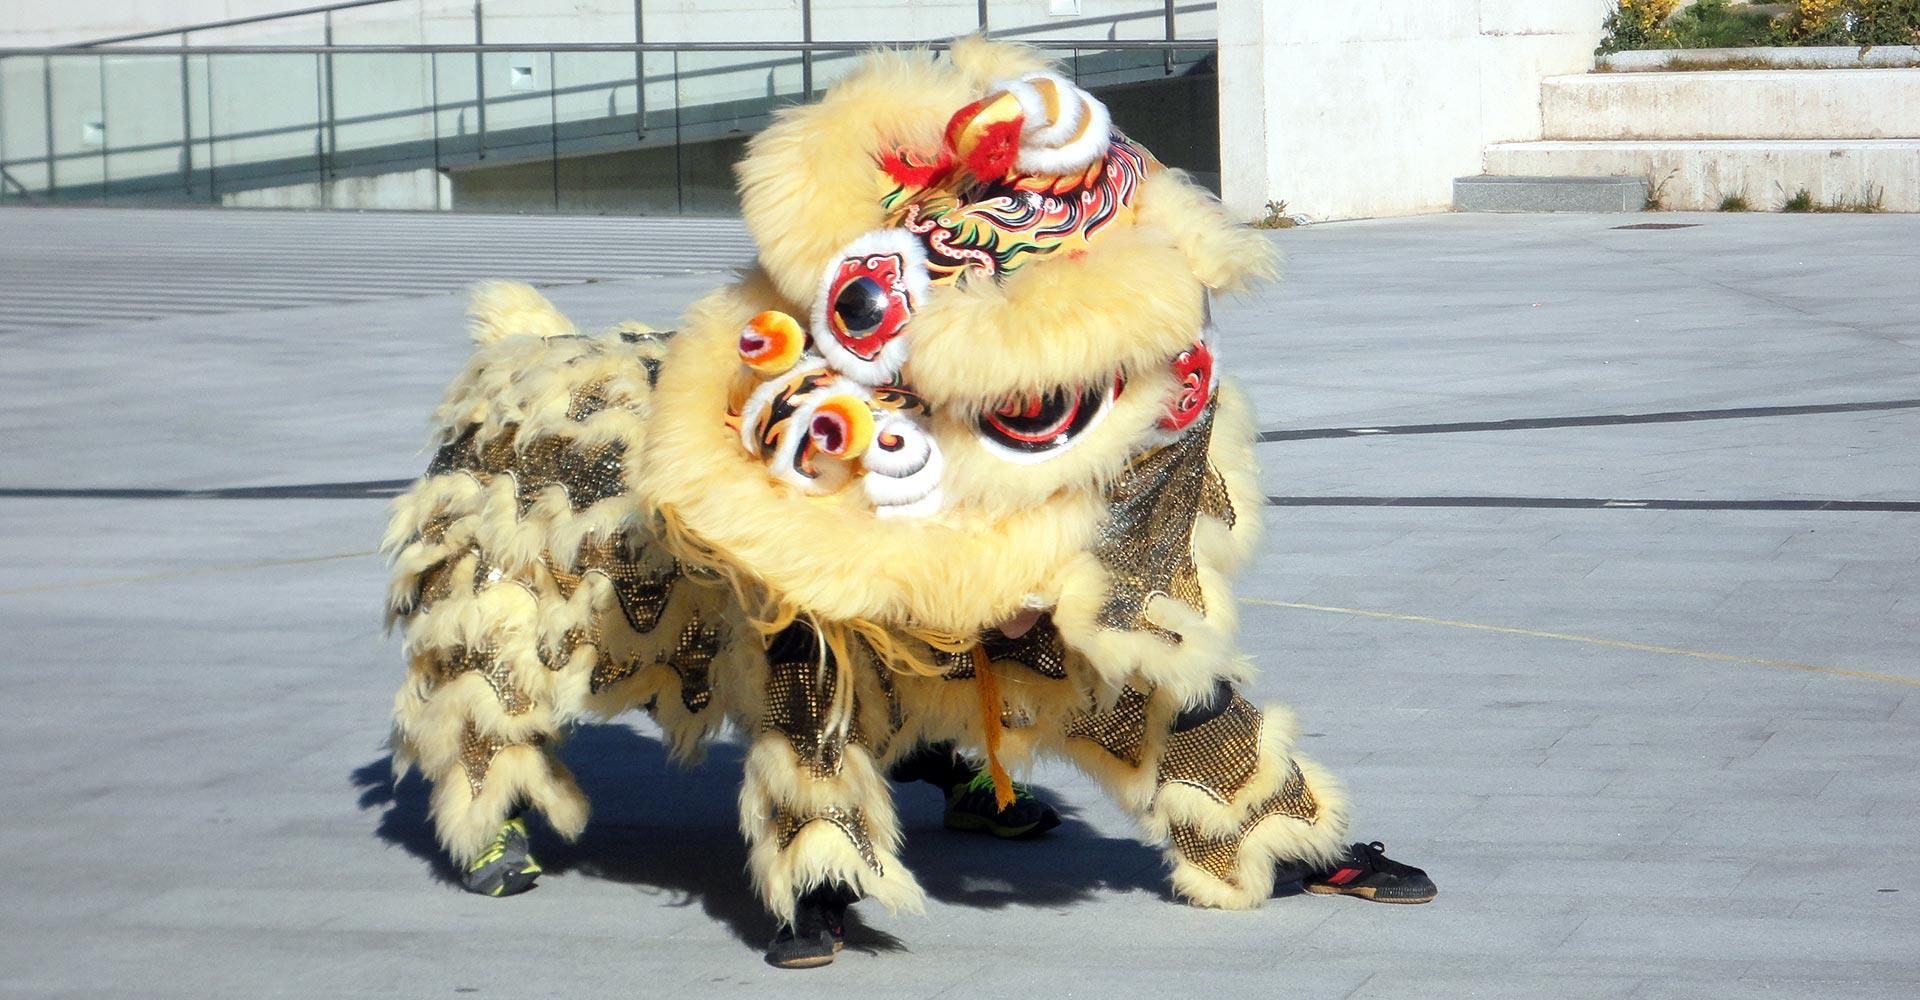 Danza del León - El león se despierta